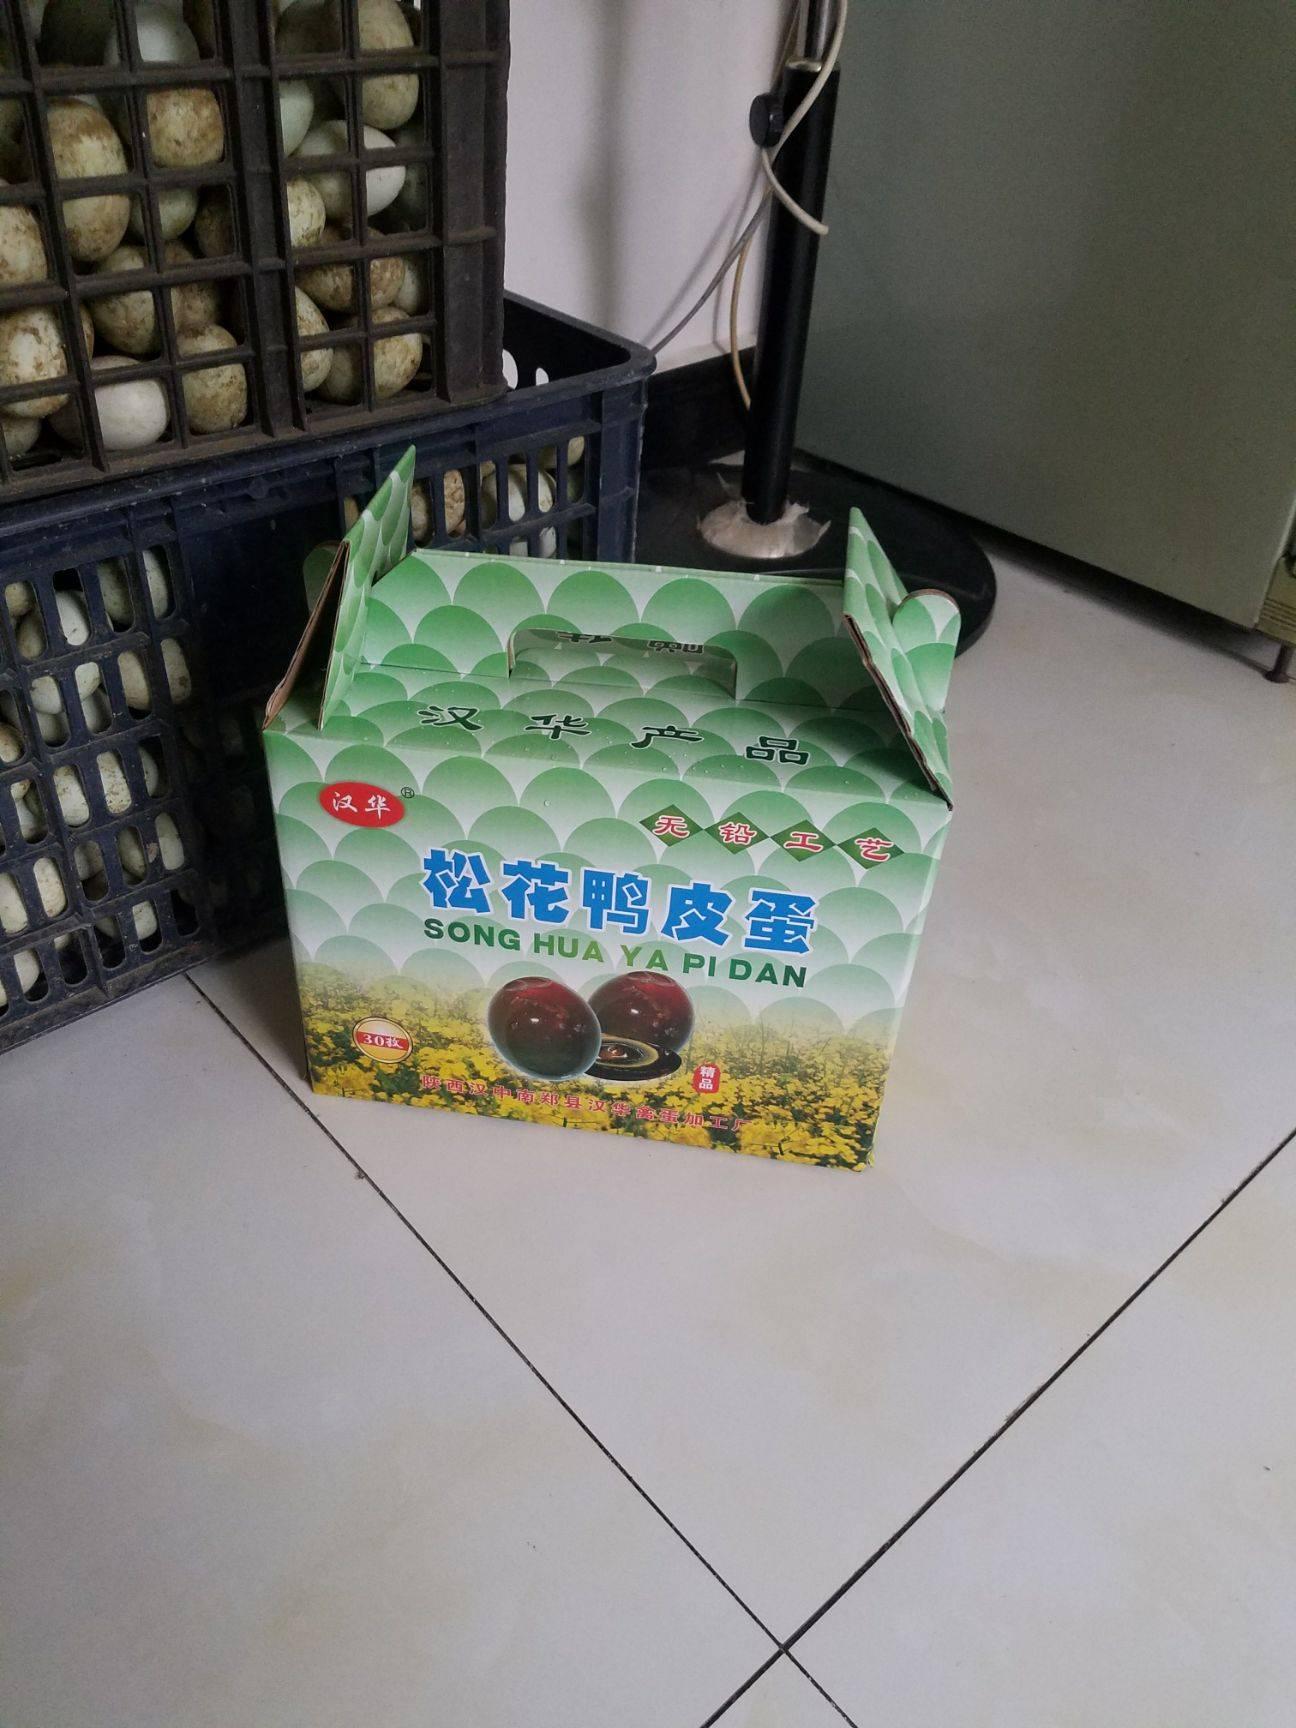 [松花皮蛋批发]松花皮蛋 价格60元/盒